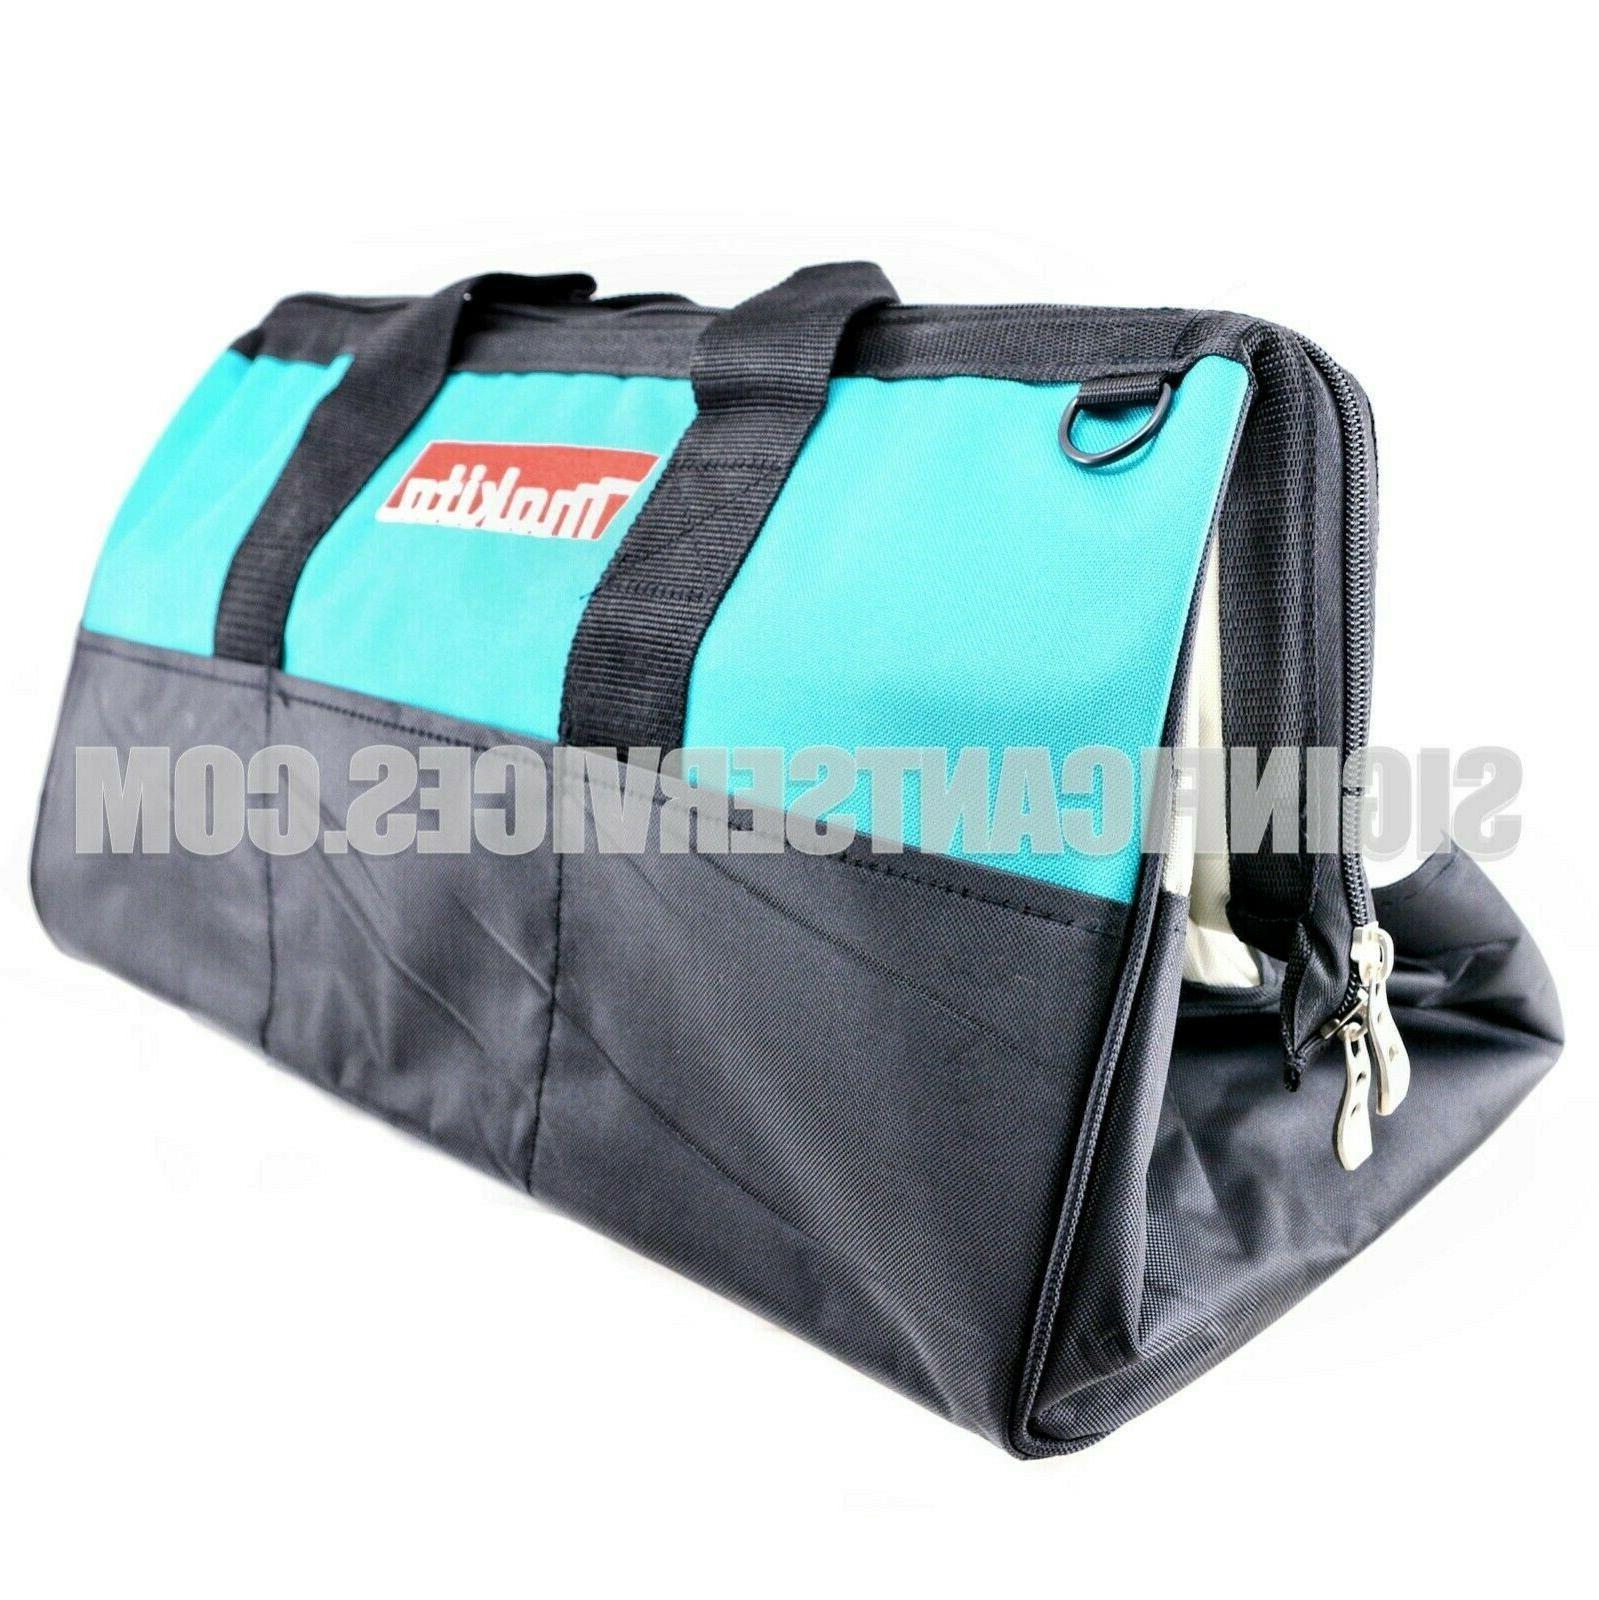 New 18V Saw Grinder Bag Case